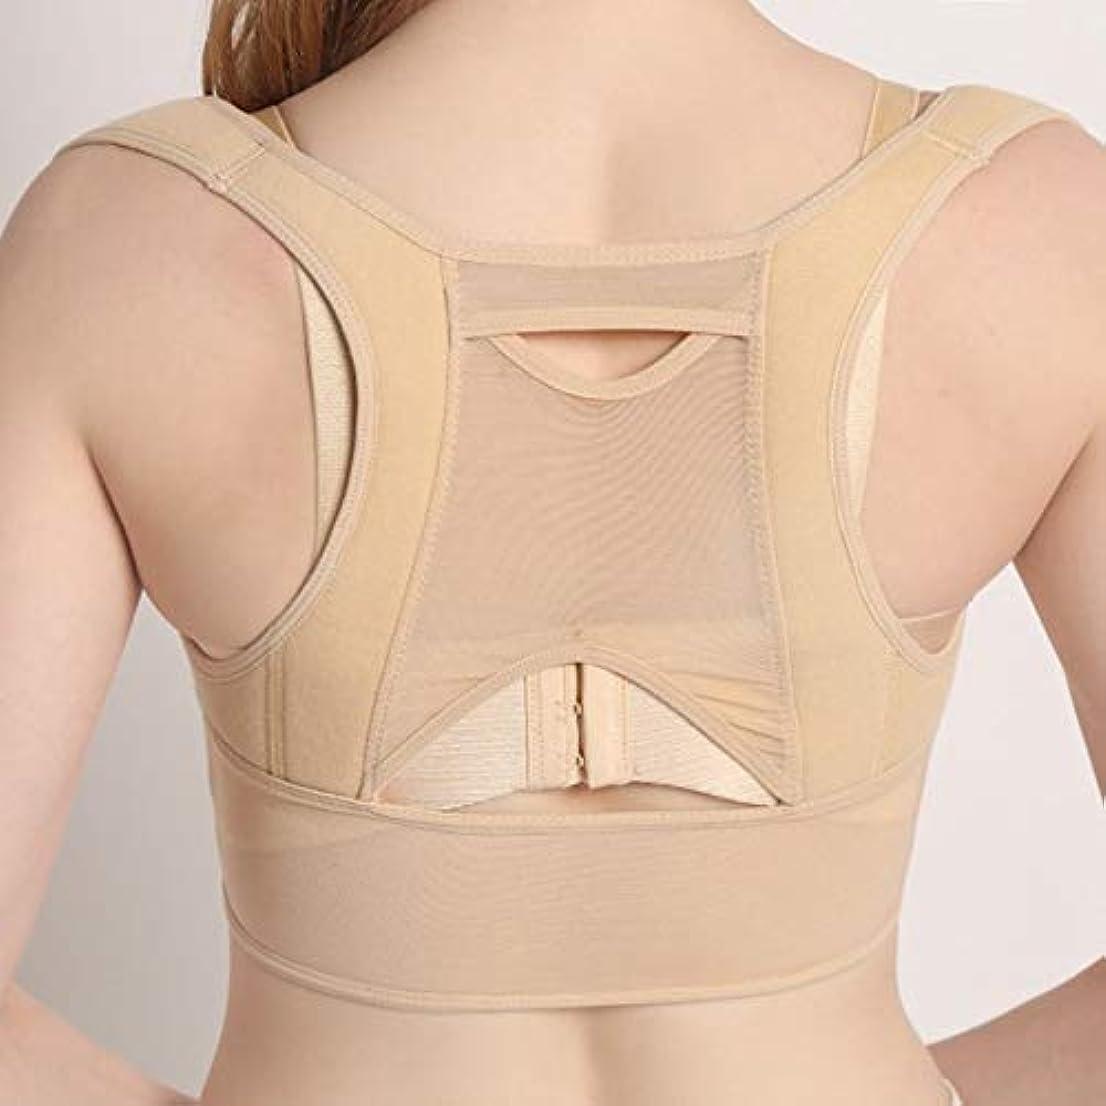 粘土司令官便宜通気性のある女性の背中の姿勢矯正コルセット整形外科の肩の背骨の姿勢矯正腰椎サポート - ベージュホワイトM